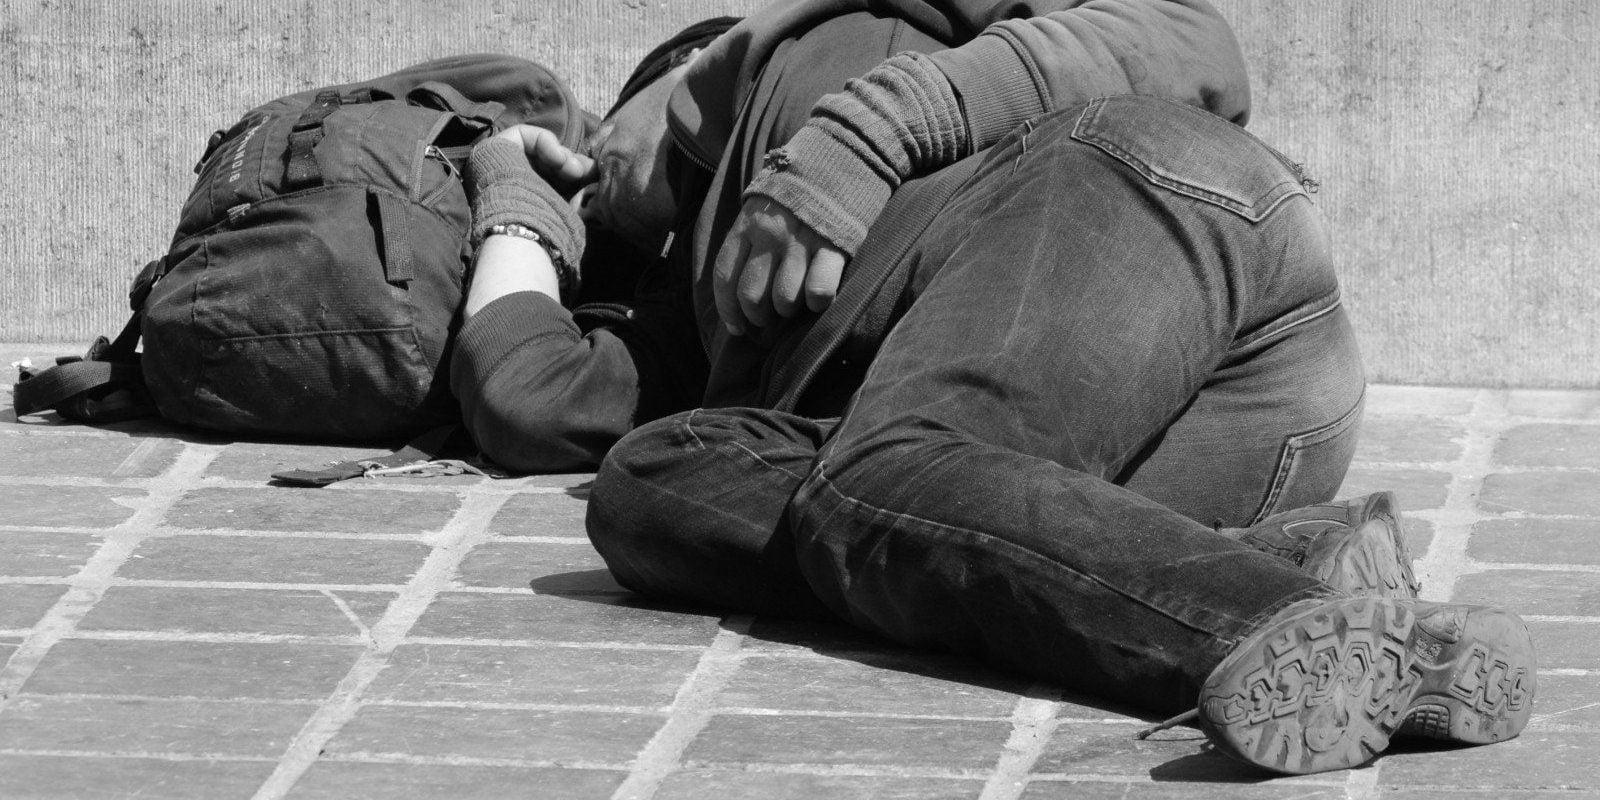 #Enjeux2020 – Sans-abri : l'humanisme rhénan à l'épreuve des faits